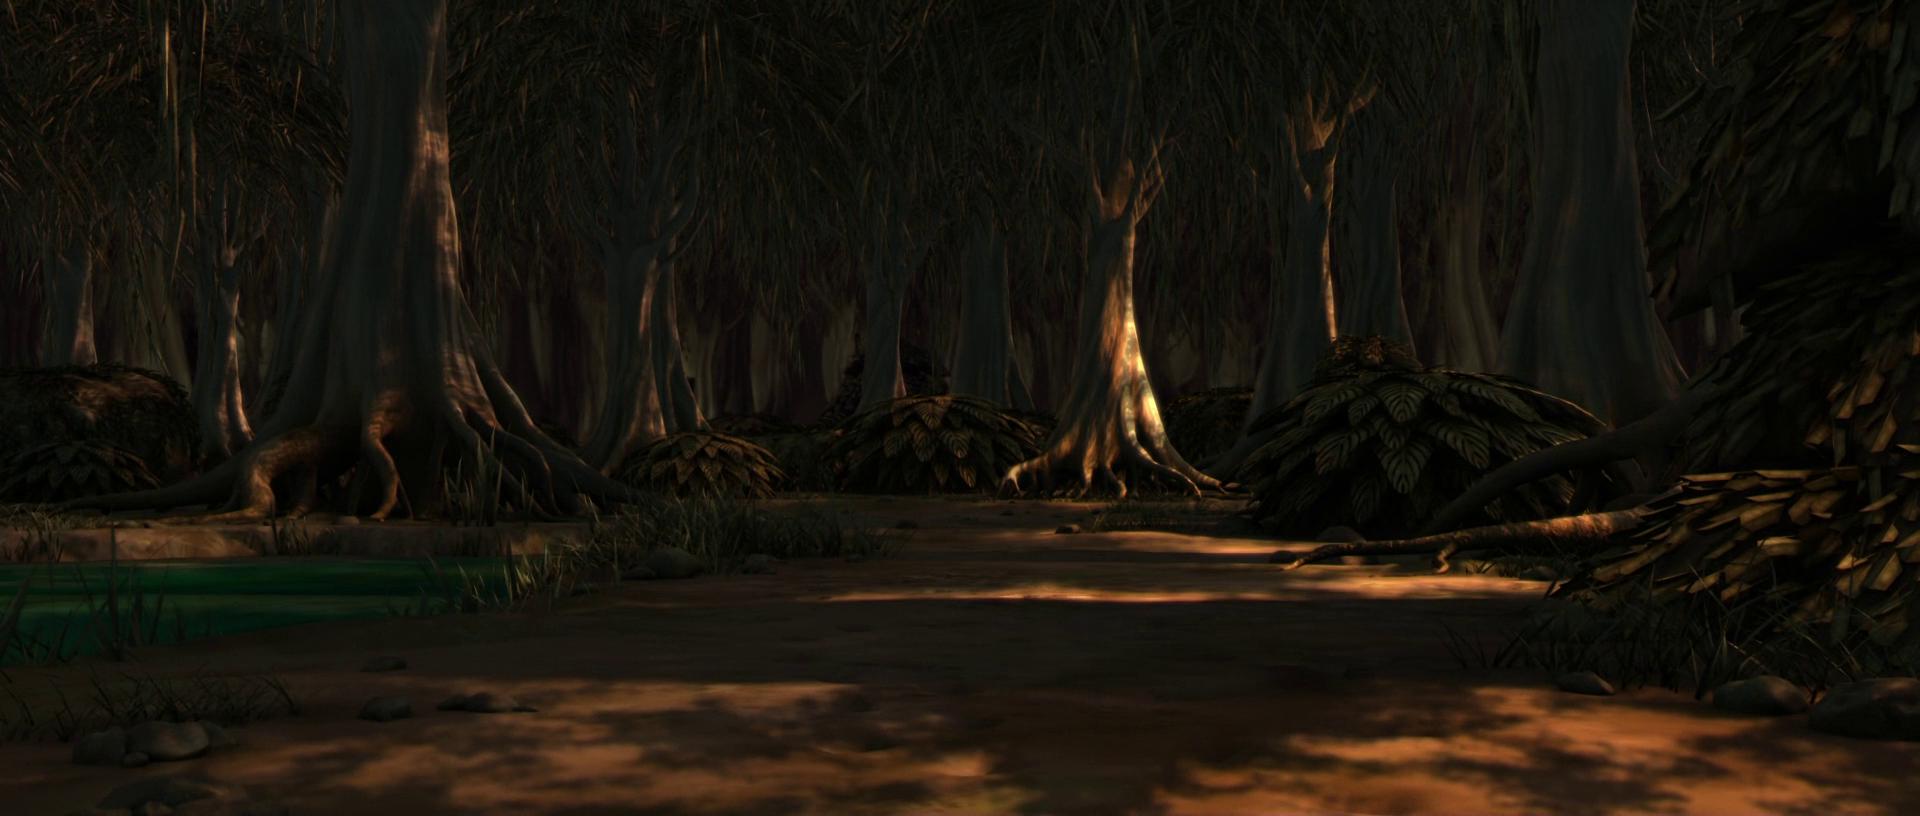 Eastern swamps/Legends